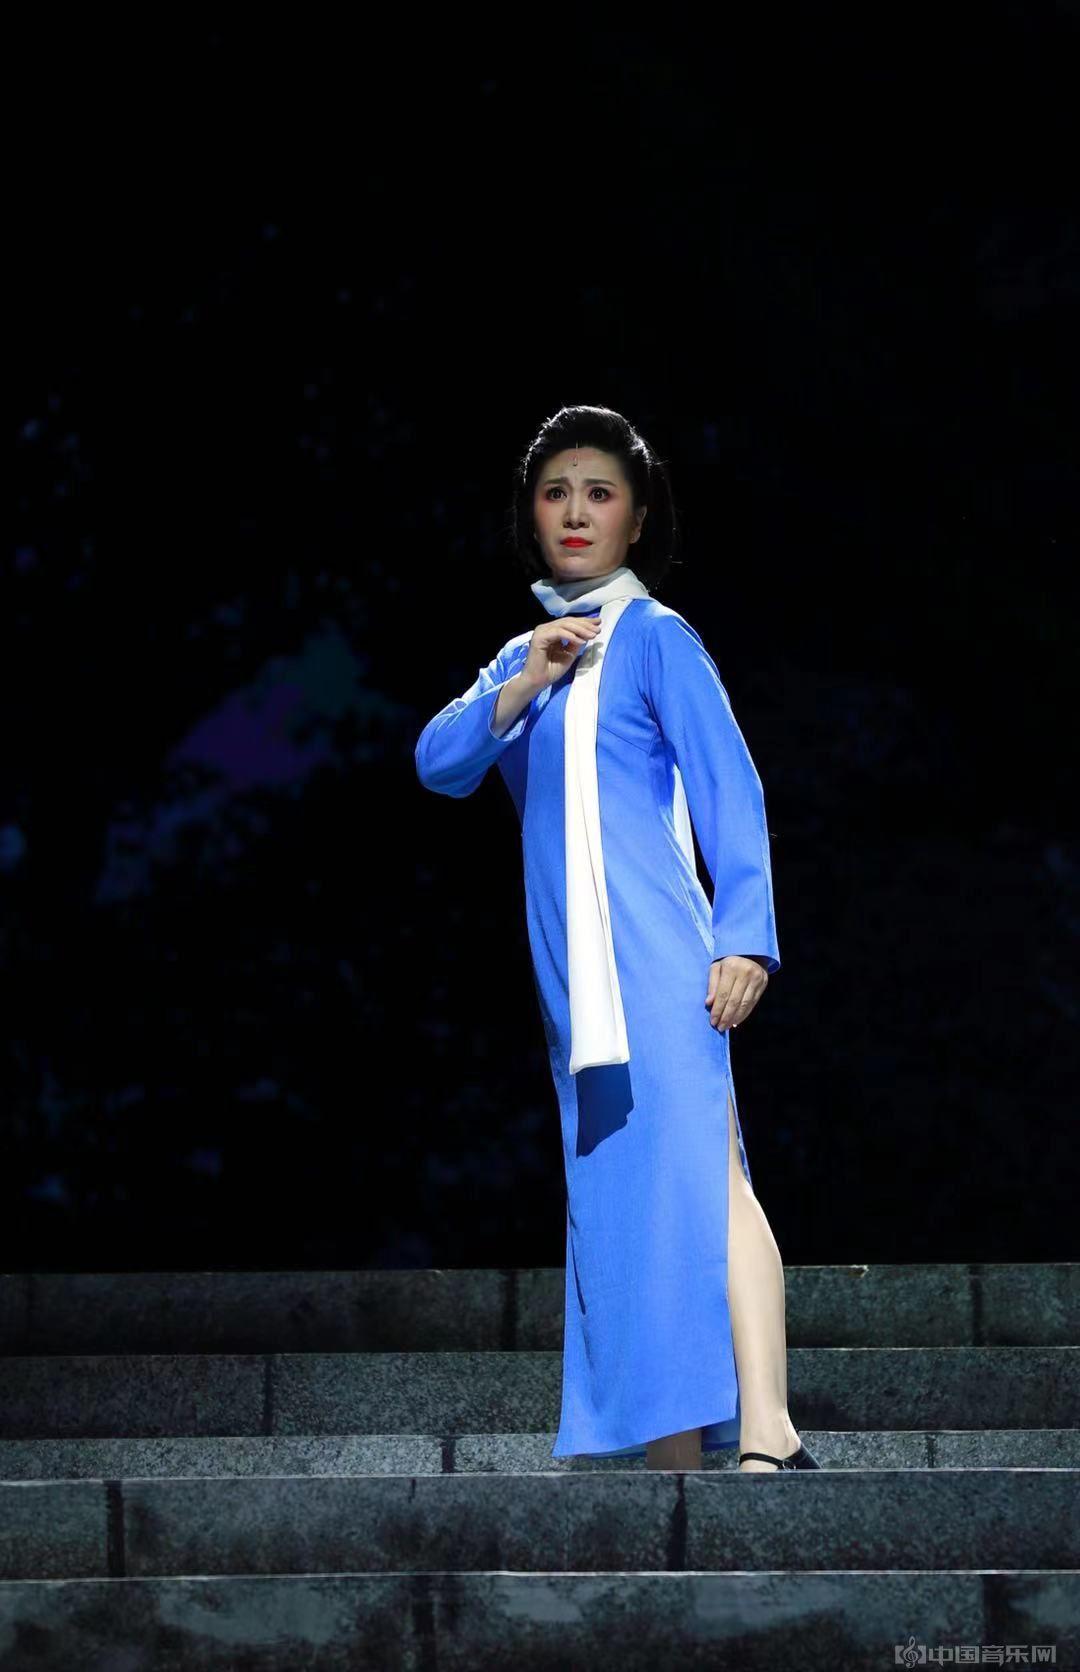 """歌剧《江姐》焕新登场歌唱家伊泓远饰演""""江姐""""一角广受好评"""